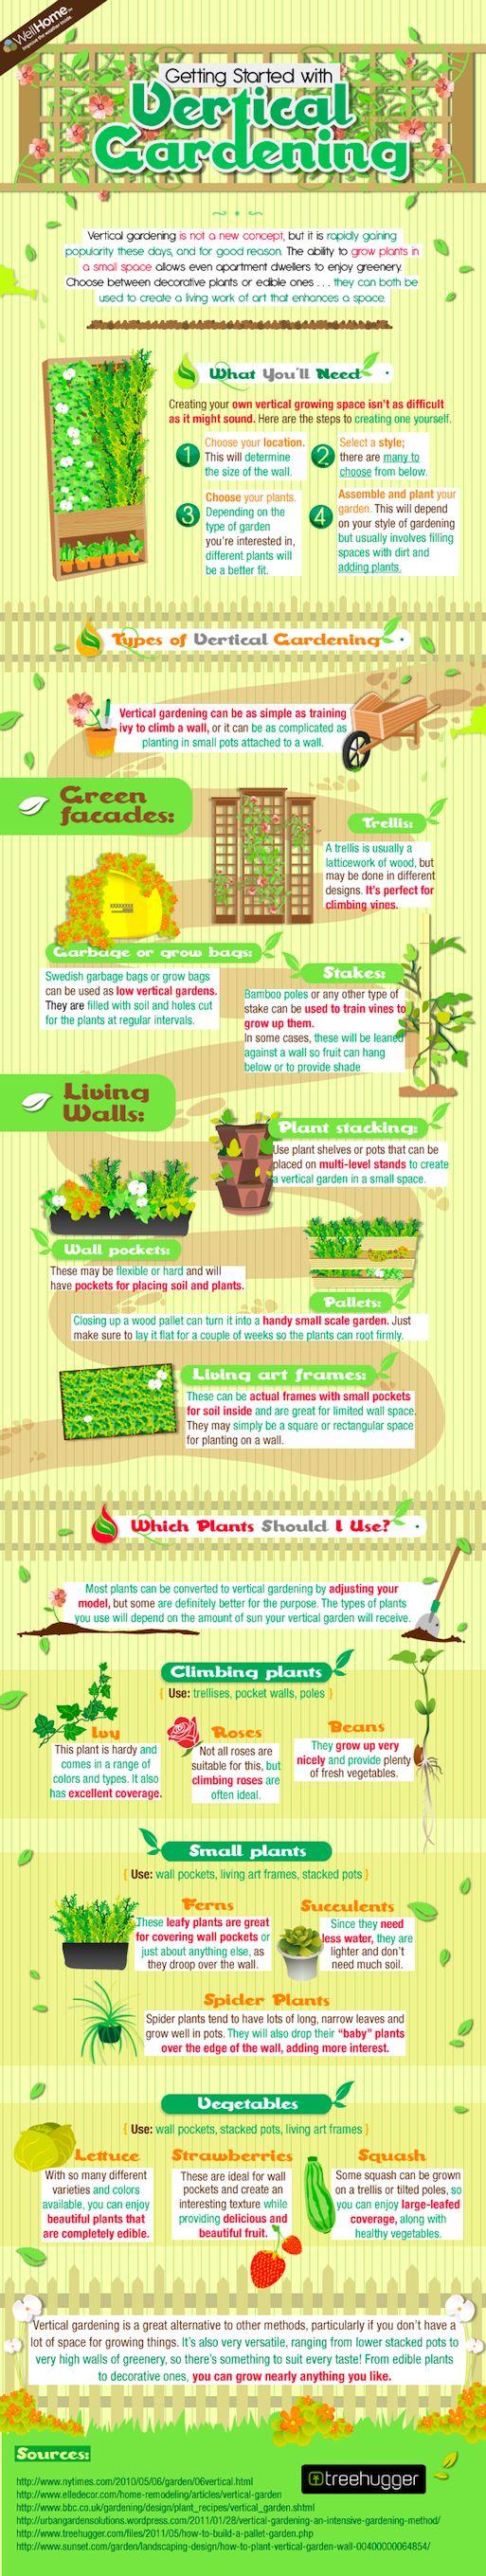 140 best Living wall images on Pinterest | Gutter garden, Gardening ...